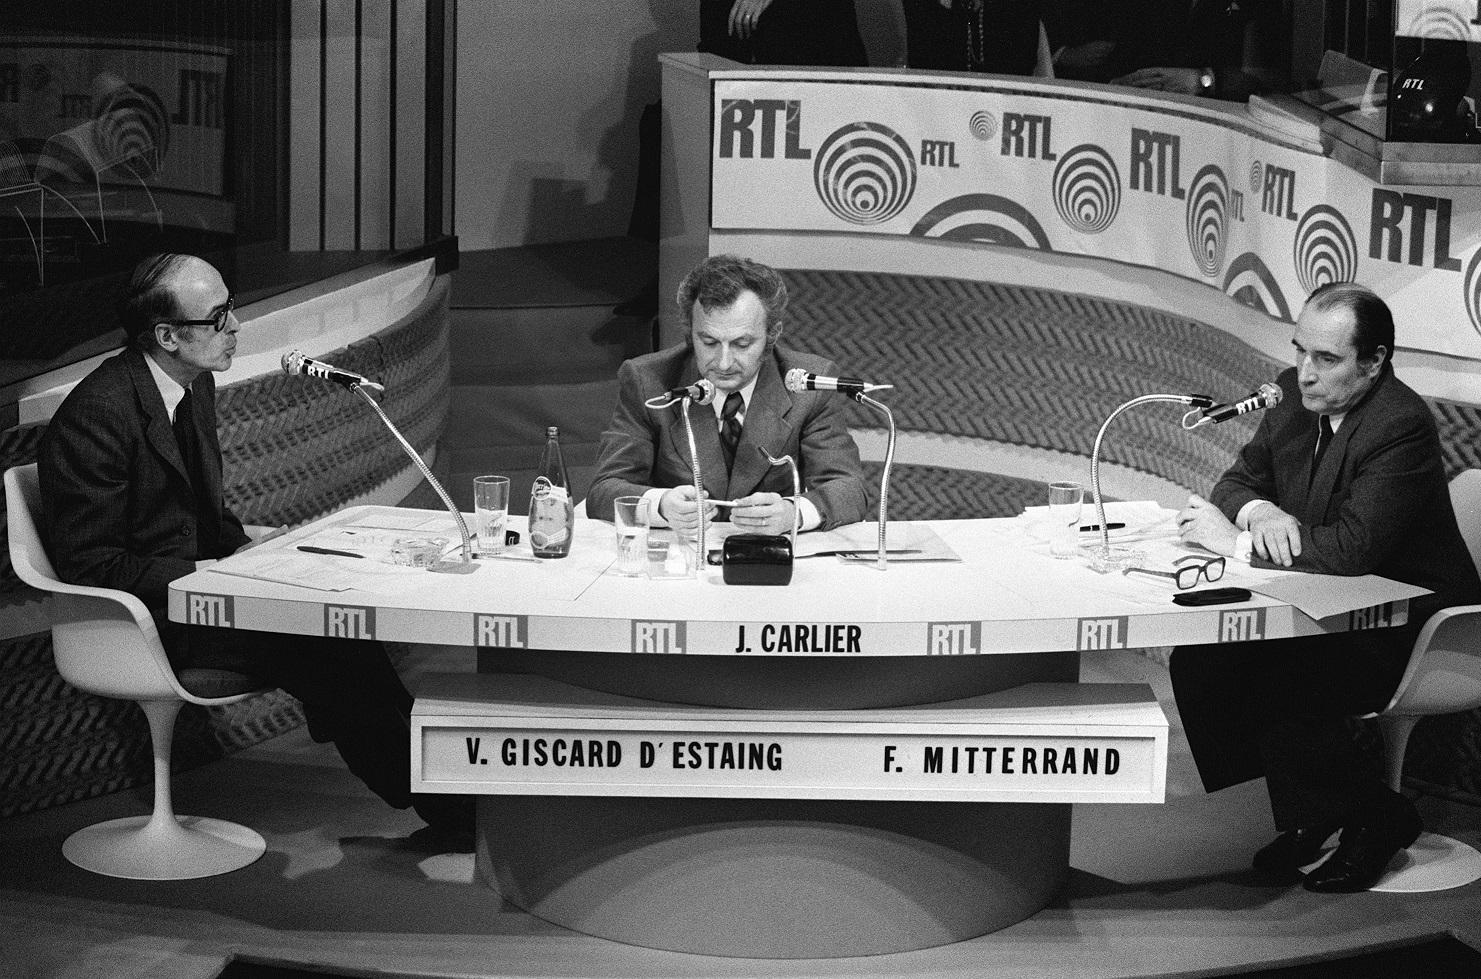 Esta foto de arquivo tirada em 3 de maio de 1974 mostra os então candidatos à eleição presidencial Valery Giscard d'Estaing (E) e François Mitterrand frente a frente no estúdio da rádio RTL, durante um debate com Jean Carlier (C), jornalista da RTL | Foto: AFP